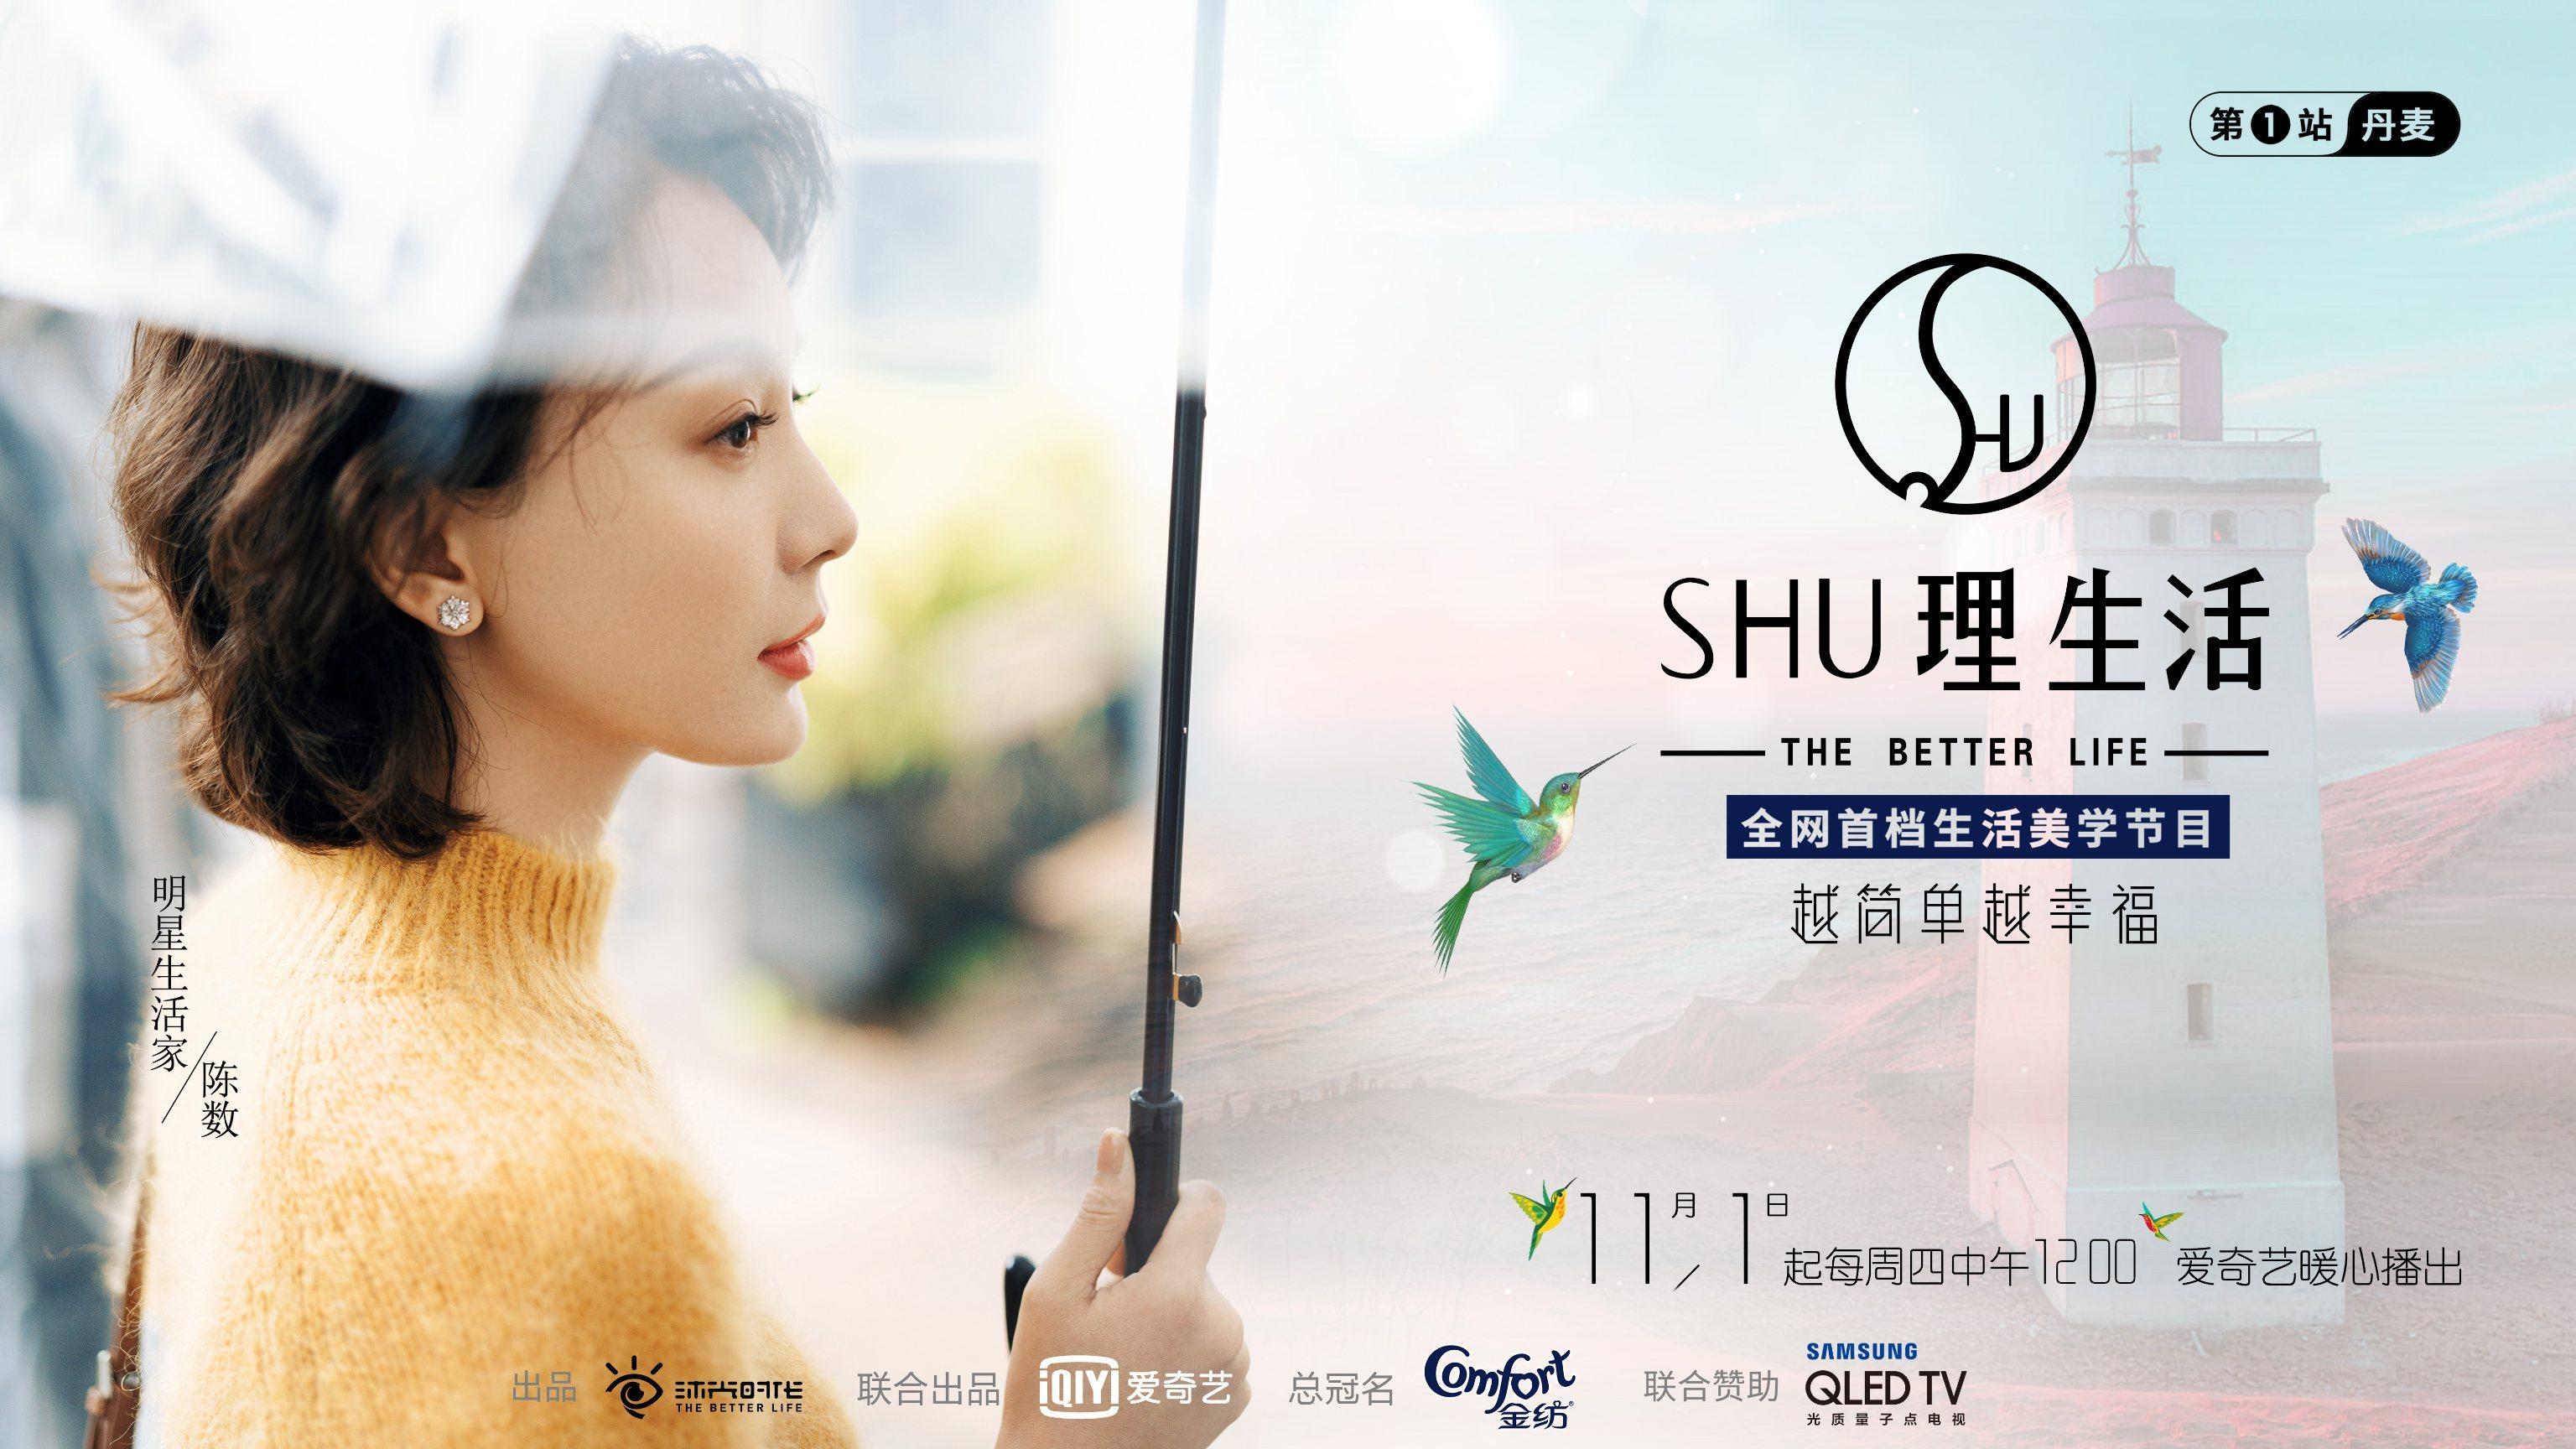 《SHU理生活》举行开播发布会 幸福的定义是向内行走 向美而生